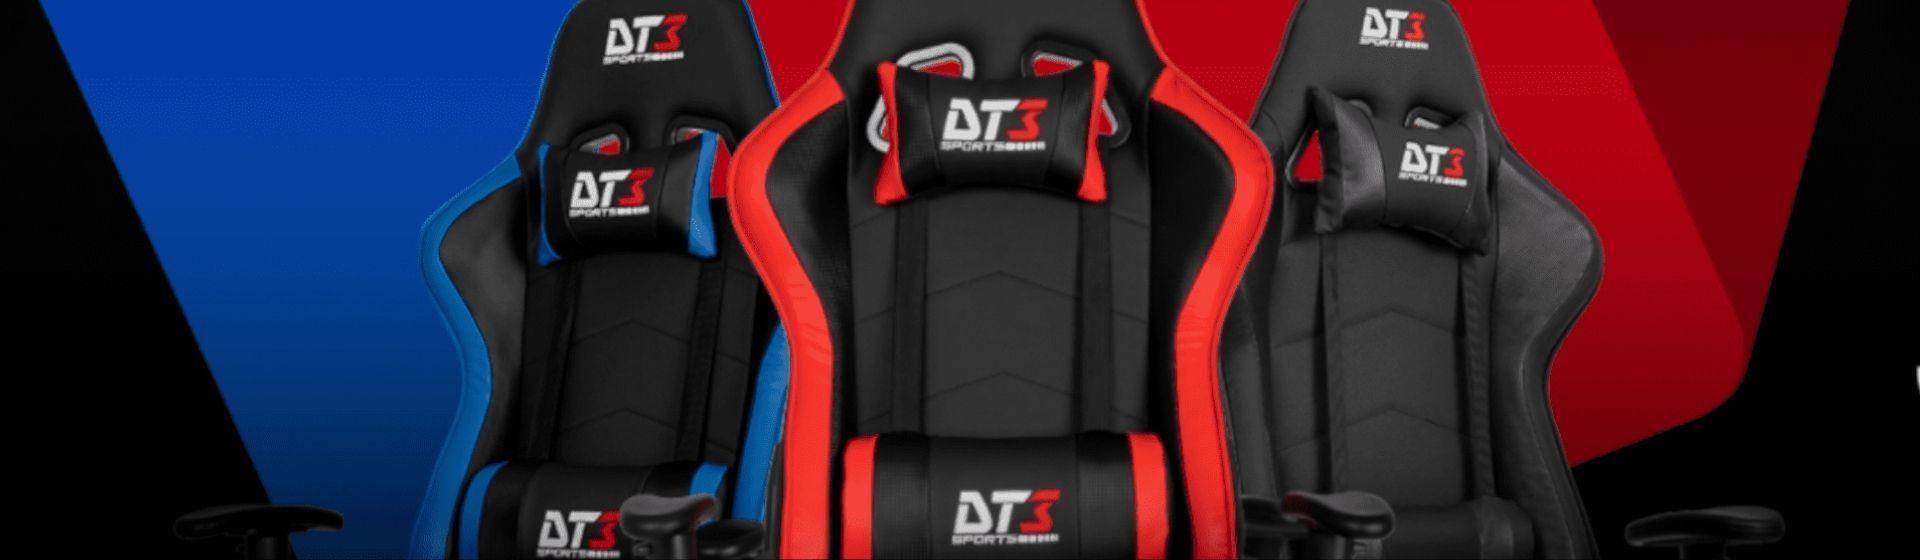 Três cadeiras DT3Sports vistas de frente